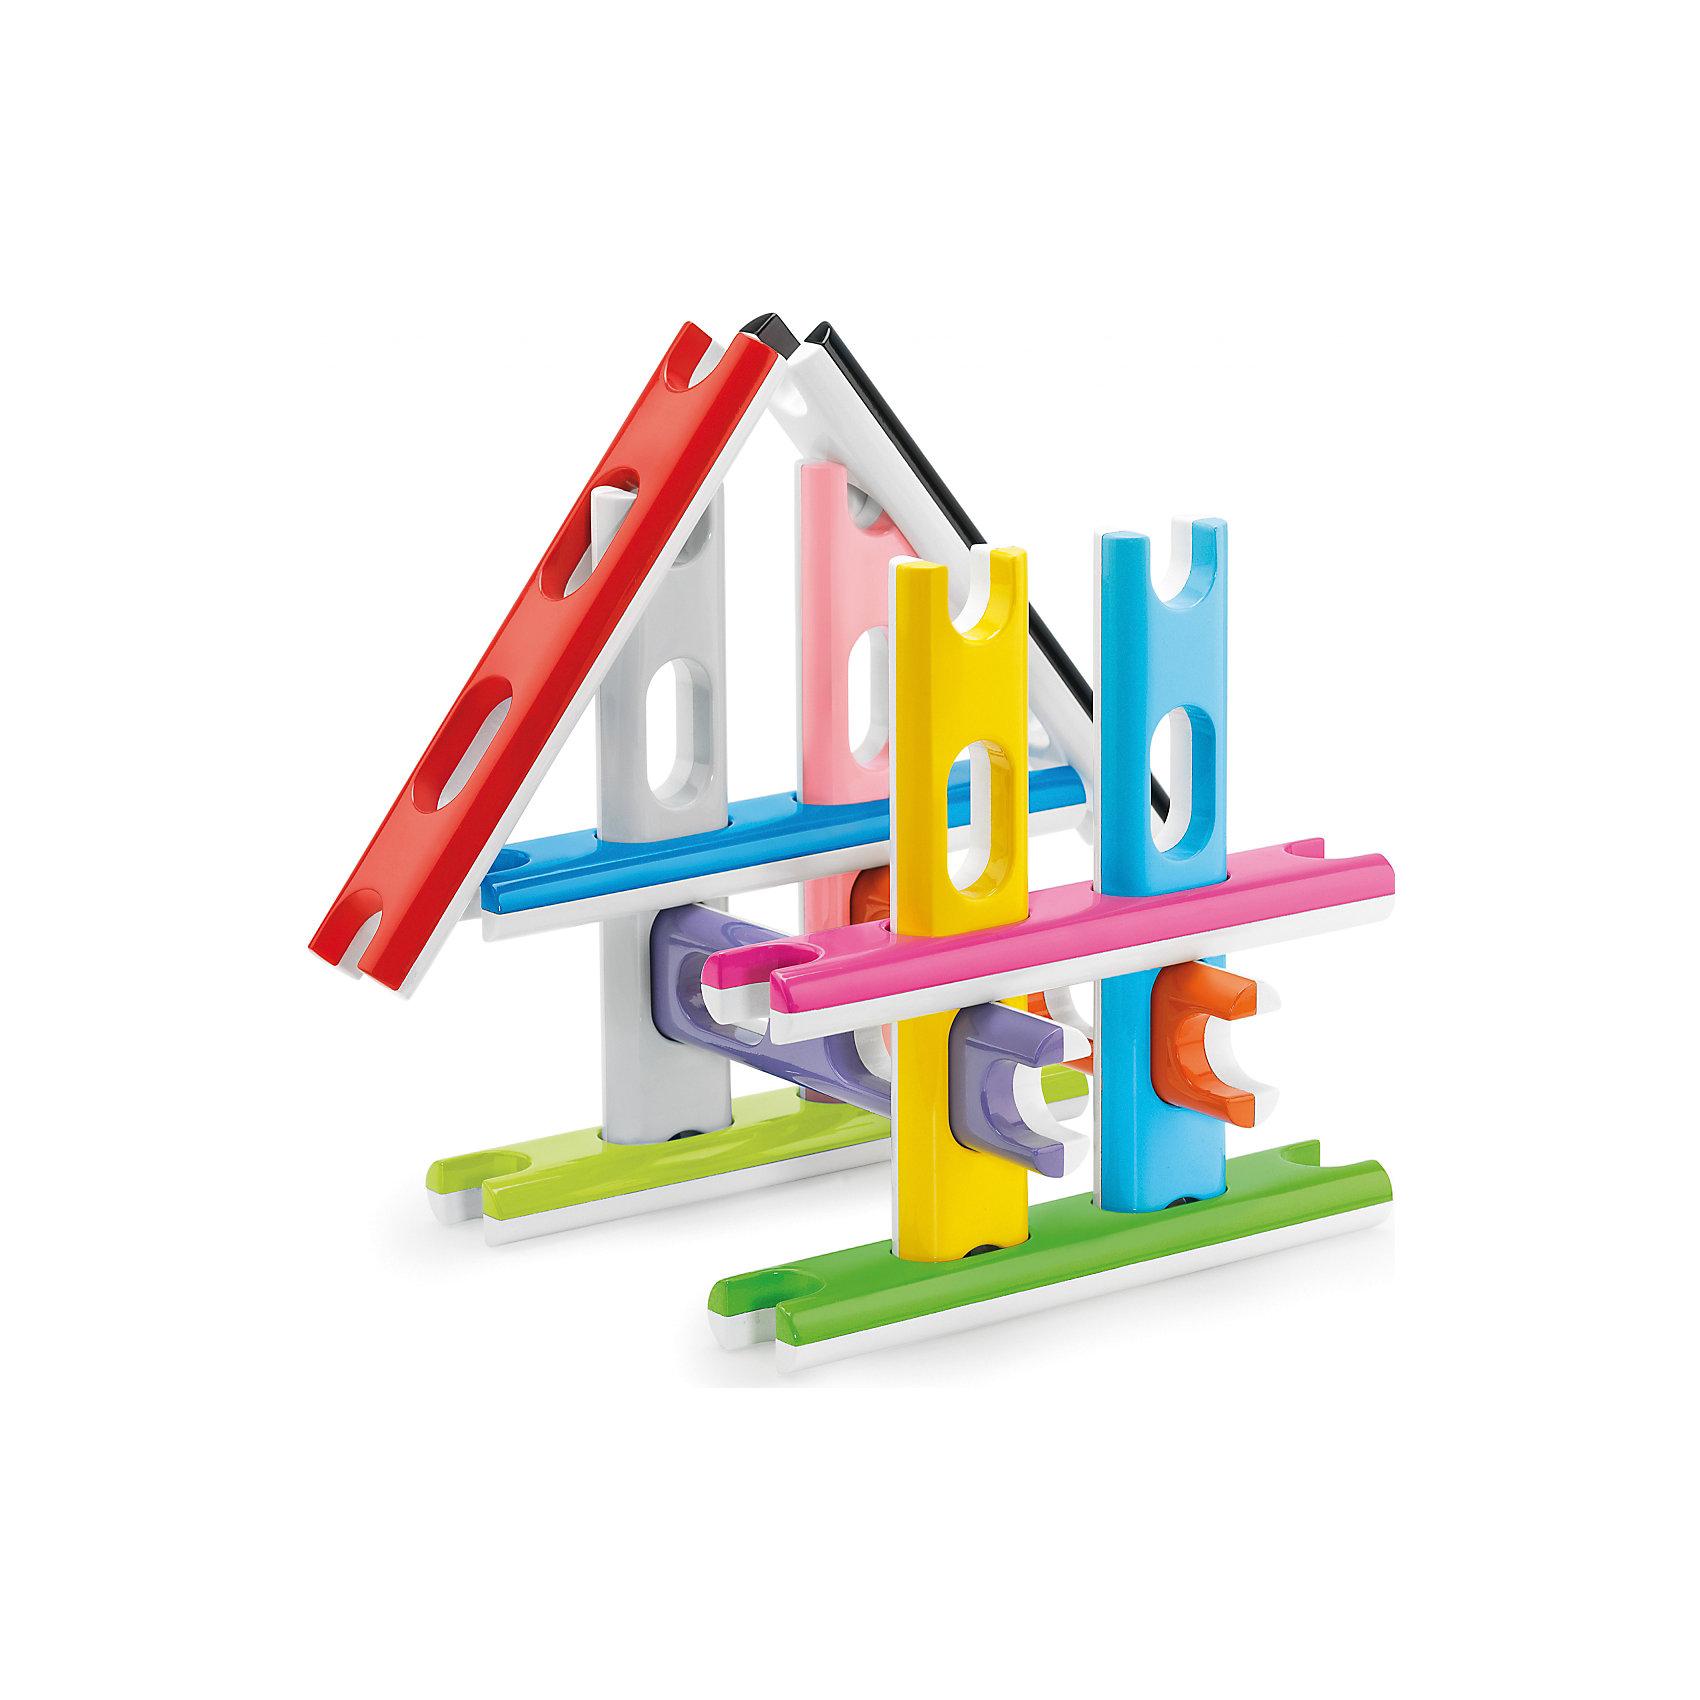 Строительный конструктор для самых маленьких, 12 деталей, QuercettiСтроительный конструктор для самых маленьких, 12 деталей, Quercetti (Кверсетти).<br><br>Характеристики:<br><br>- В наборе: 12 разноцветных деталей в виде строительных блоков-досок<br>- Материал: высококачественный пластик, окрашенный нетоксичными красками<br>- Упаковка: картонная коробка<br>- Размер упаковки: 30 х 30 х 4 см.<br>- Вес: 1250 гр.<br><br>Строительный конструктор Quercetti (Кверсетти), несомненно, заинтересует вашего малыша. Он разработан специально для самых маленьких детей. Каждая из деталей конструктора имеет по два отверстия, с помощью которых можно закреплять другие детали в разных плоскостях. Края деталей имеют выемки, с помощью которых элементы соединяются в длину, в одной плоскости. Ваш малыш сможет создать самые простые конструкции, не требующие соединения деталей, такие как: заборчик или геометрические фигуры в одной плоскости, можно построить дорогу или небоскреб. Продевая детали, сквозь специальные отверстия, можно создавать объемные конструкции, такие как куб или домик. Строительный конструктор для самых маленьких активизирует мыслительный процесс, развивает воображение, внимание, цветовосприятие, знакомит с понятиями плоскость и объем. Удобные детали изготовлены из безопасного пластика, окрашены нетоксичными гипоаллергенными красками, легко моются.<br><br>Строительный конструктор для самых маленьких, 12 деталей, Quercetti (Кверсетти) можно купить в нашем интернет-магазине.<br><br>Ширина мм: 300<br>Глубина мм: 40<br>Высота мм: 300<br>Вес г: 745<br>Возраст от месяцев: 60<br>Возраст до месяцев: 2147483647<br>Пол: Унисекс<br>Возраст: Детский<br>SKU: 5140069